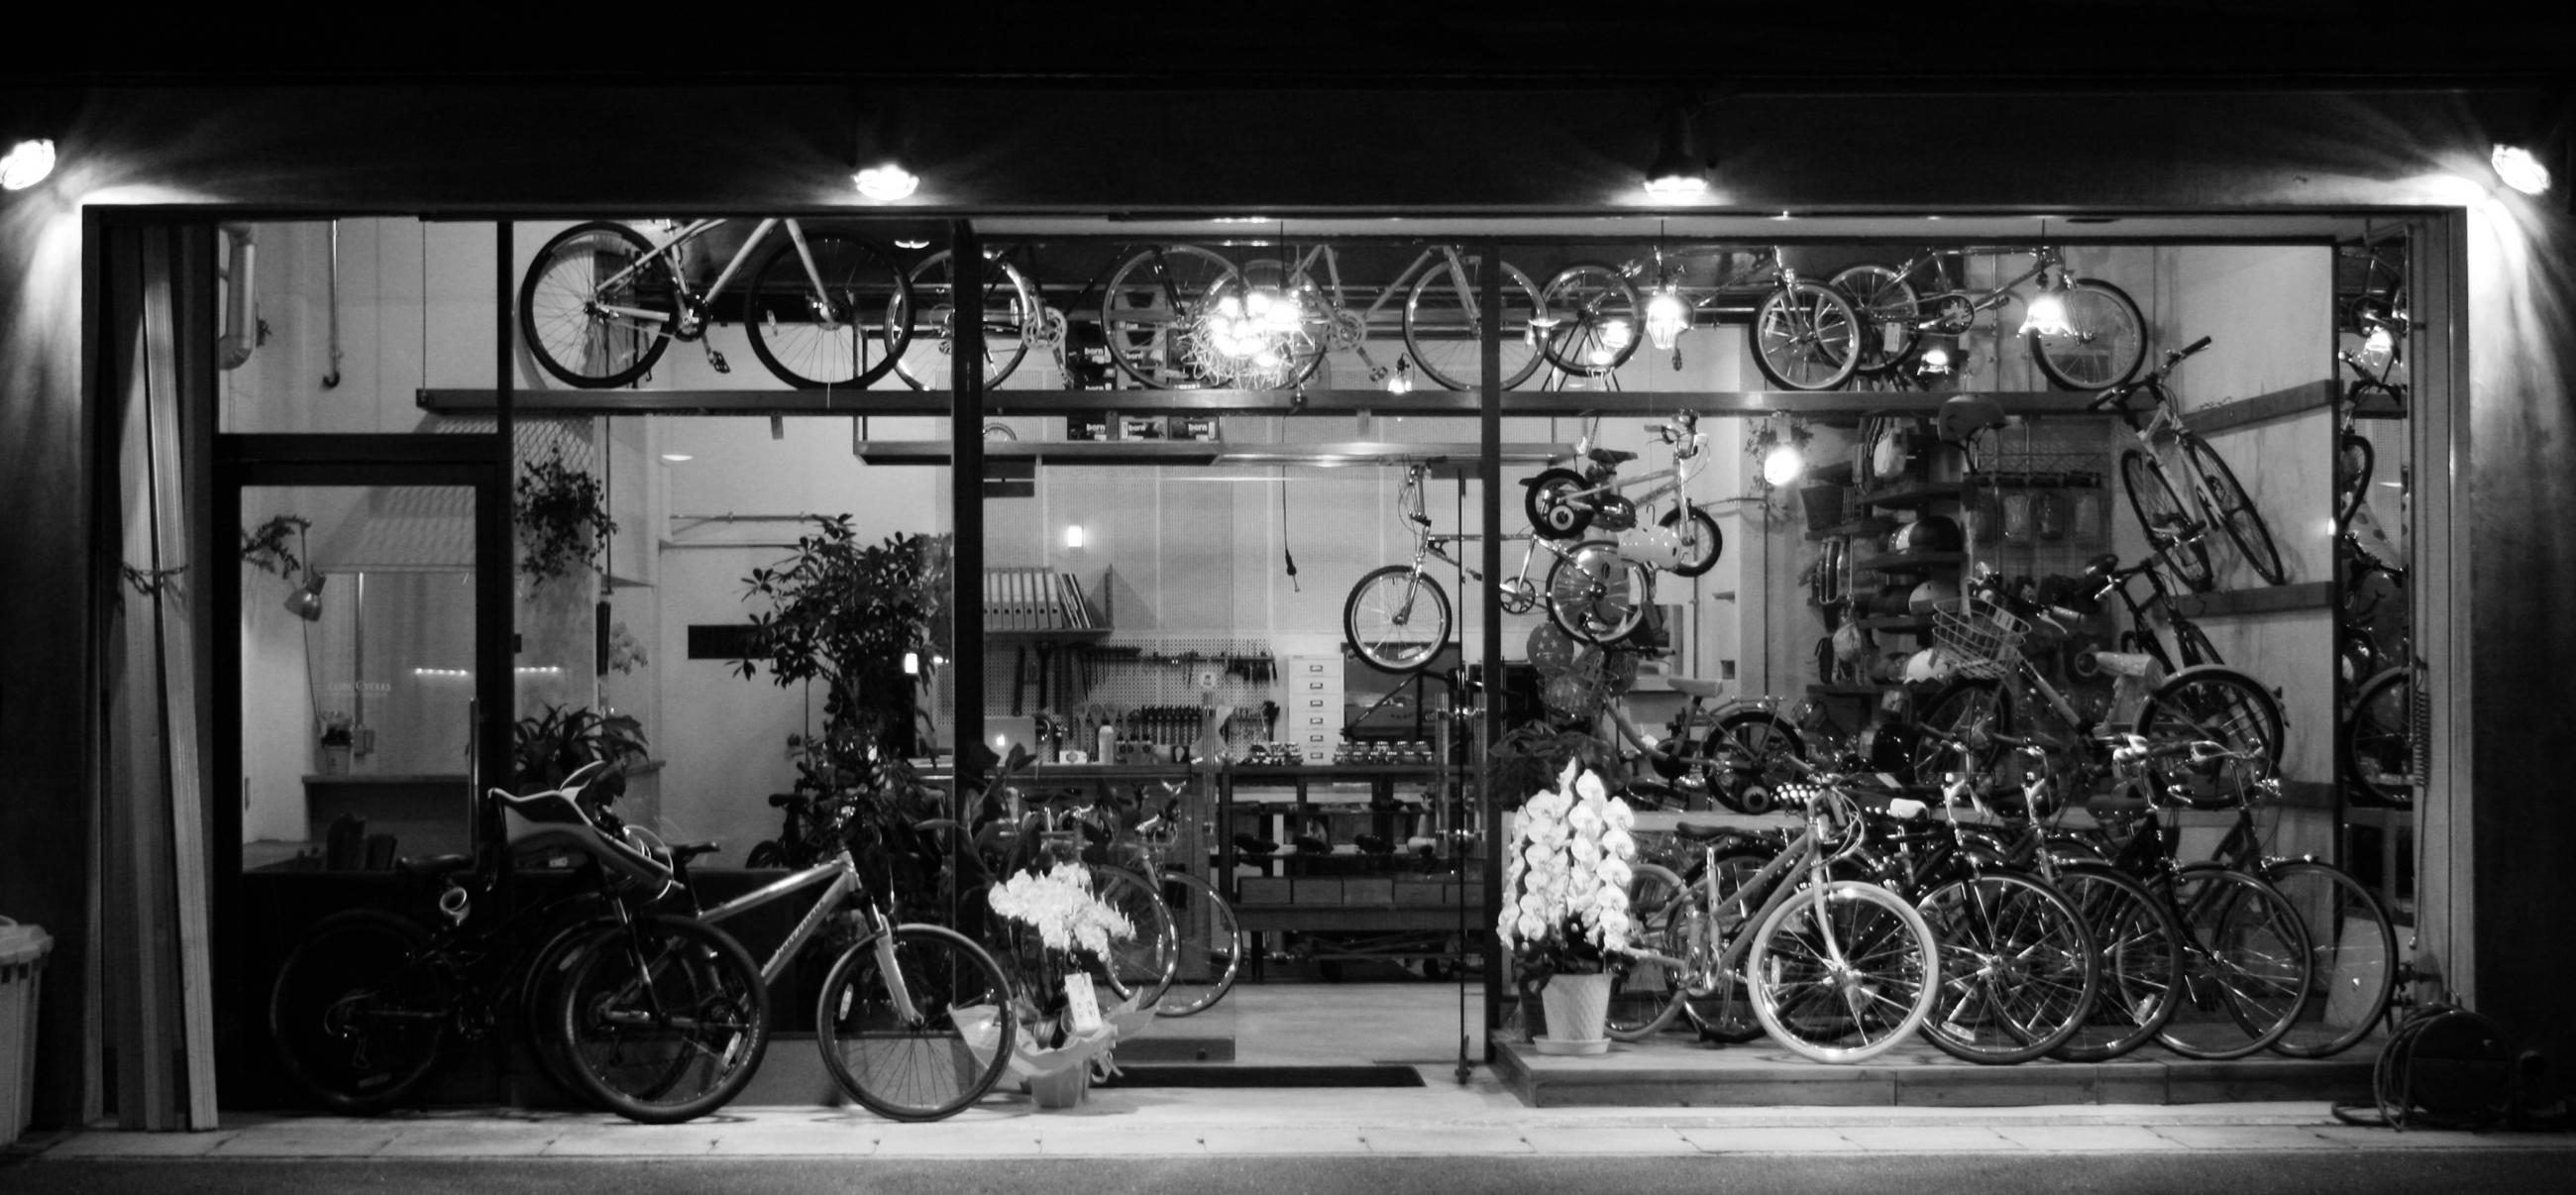 京都、岩倉のまちの自転車屋さん...